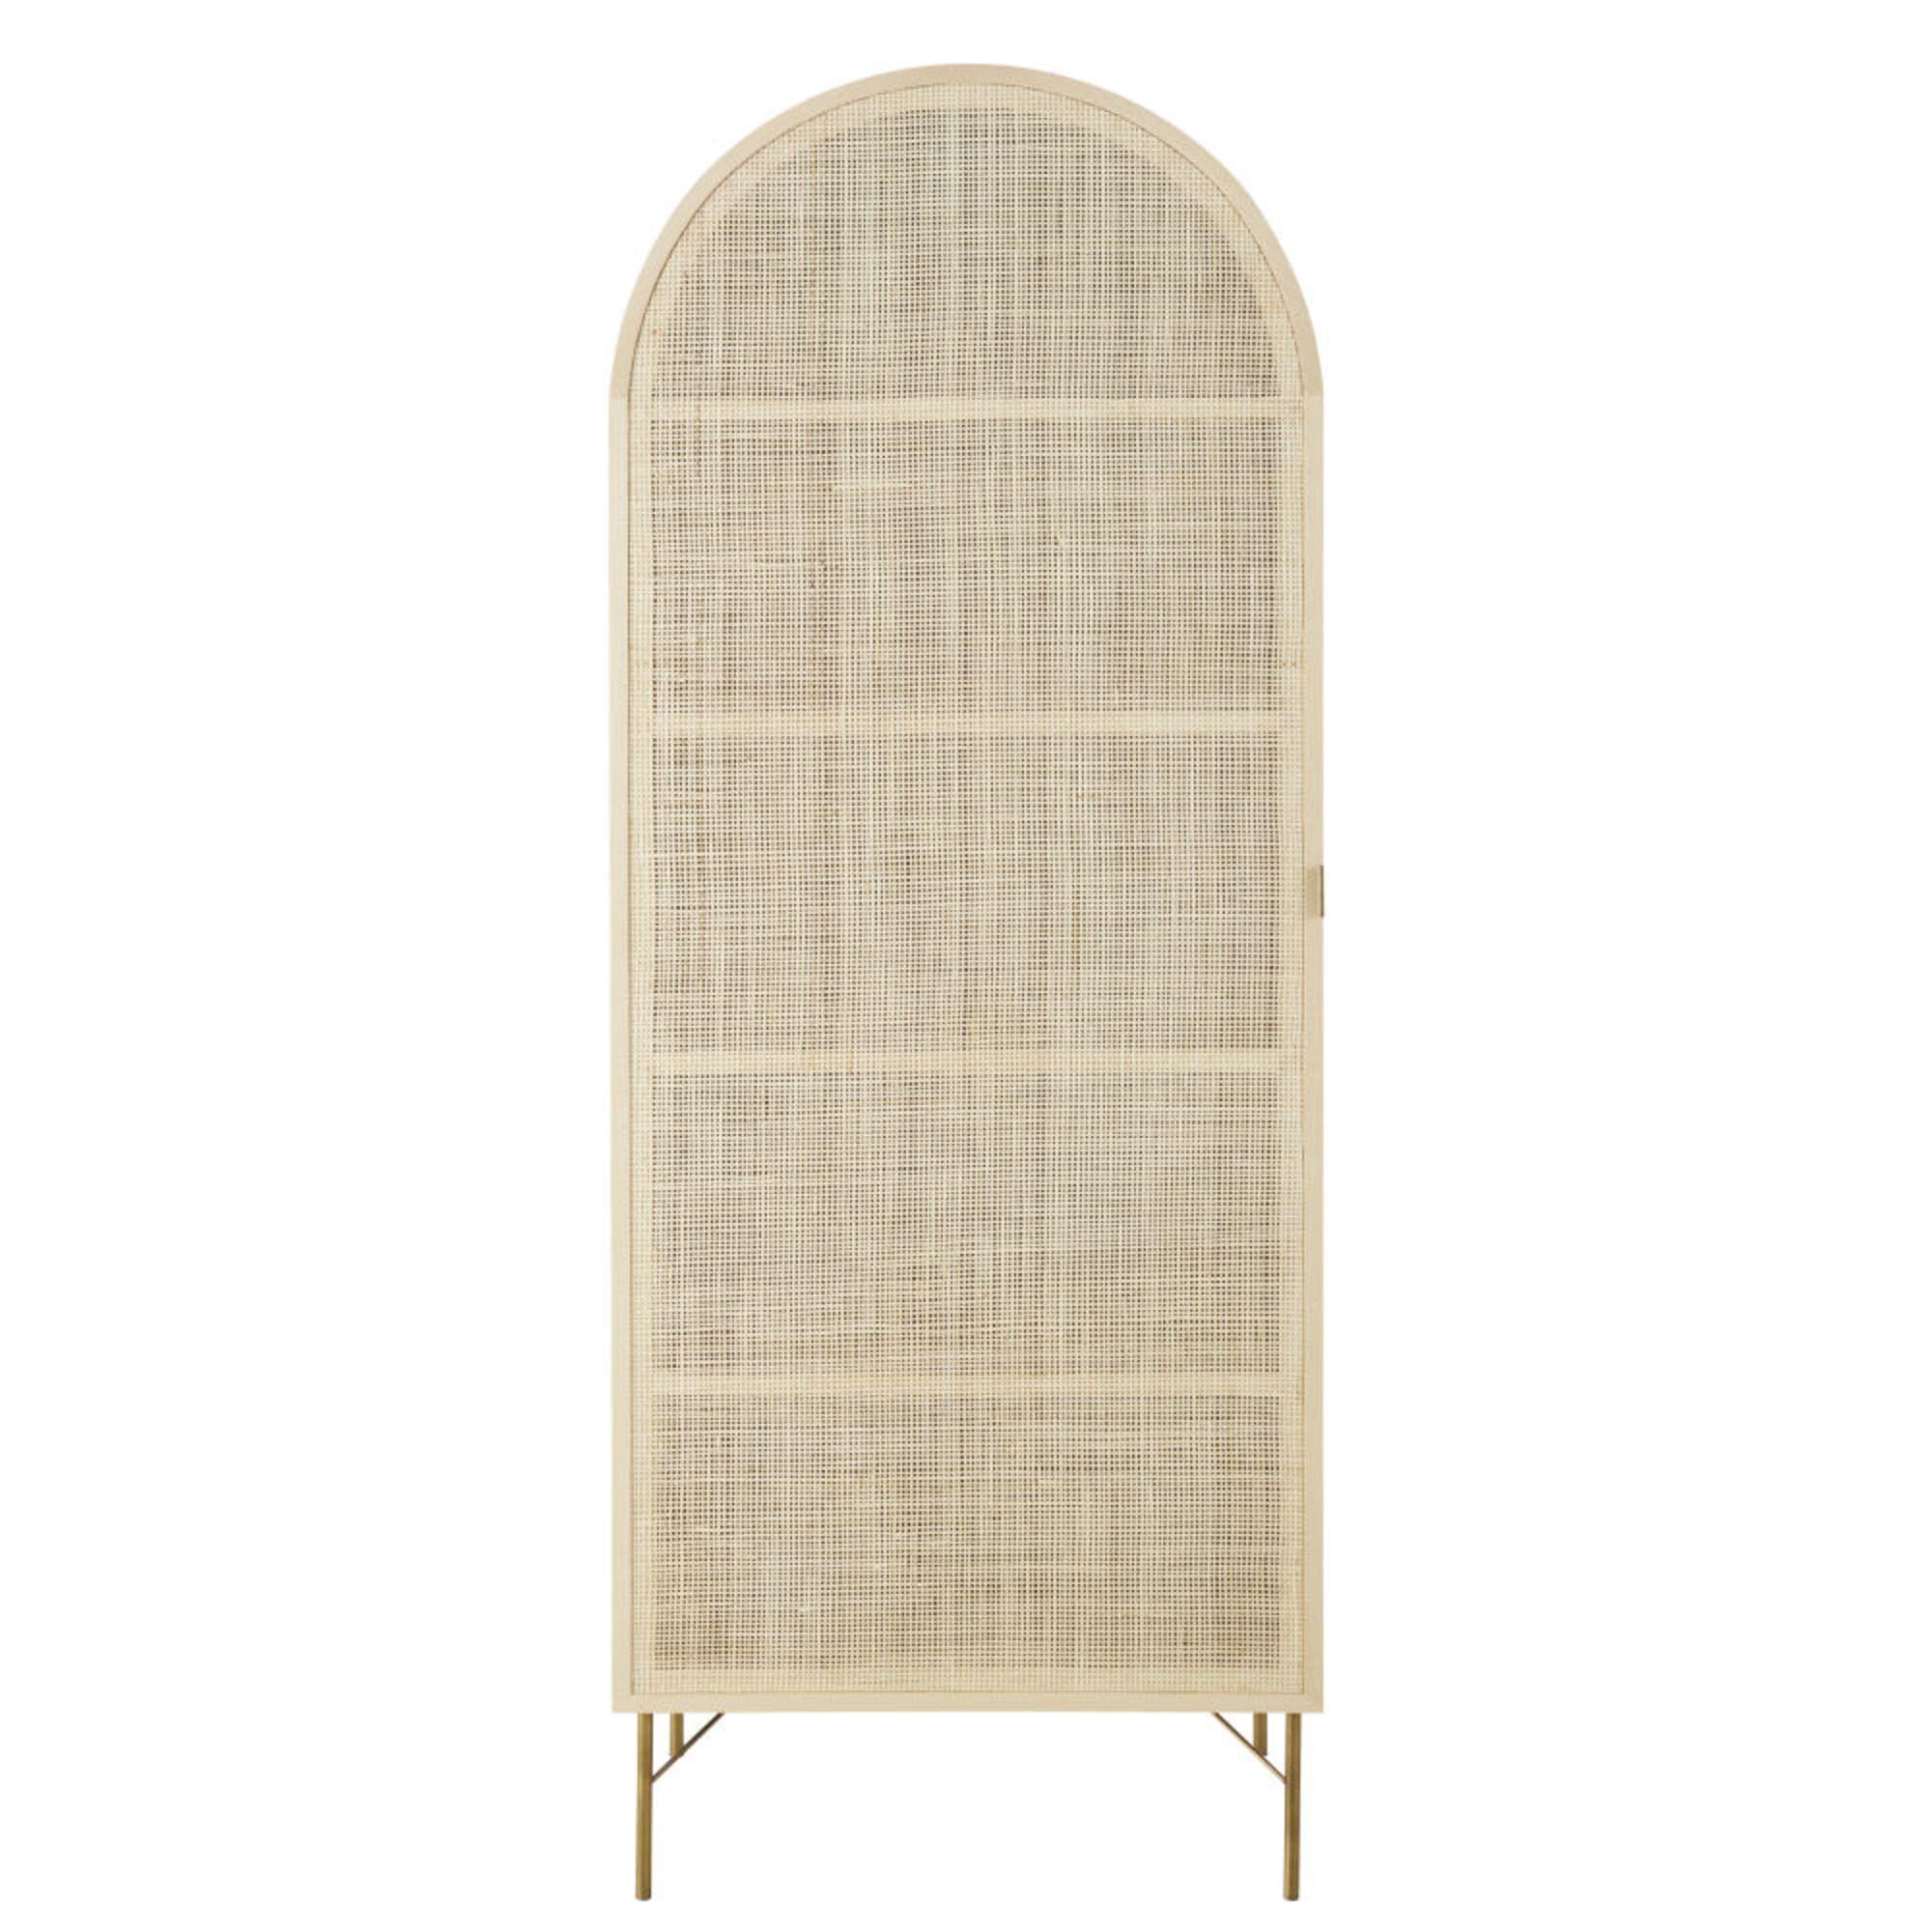 Armoire 1 Porte Cannage En Rotin Solstice Maisons Du Monde Wardrobe Furniture Rattan Maisons Du Monde